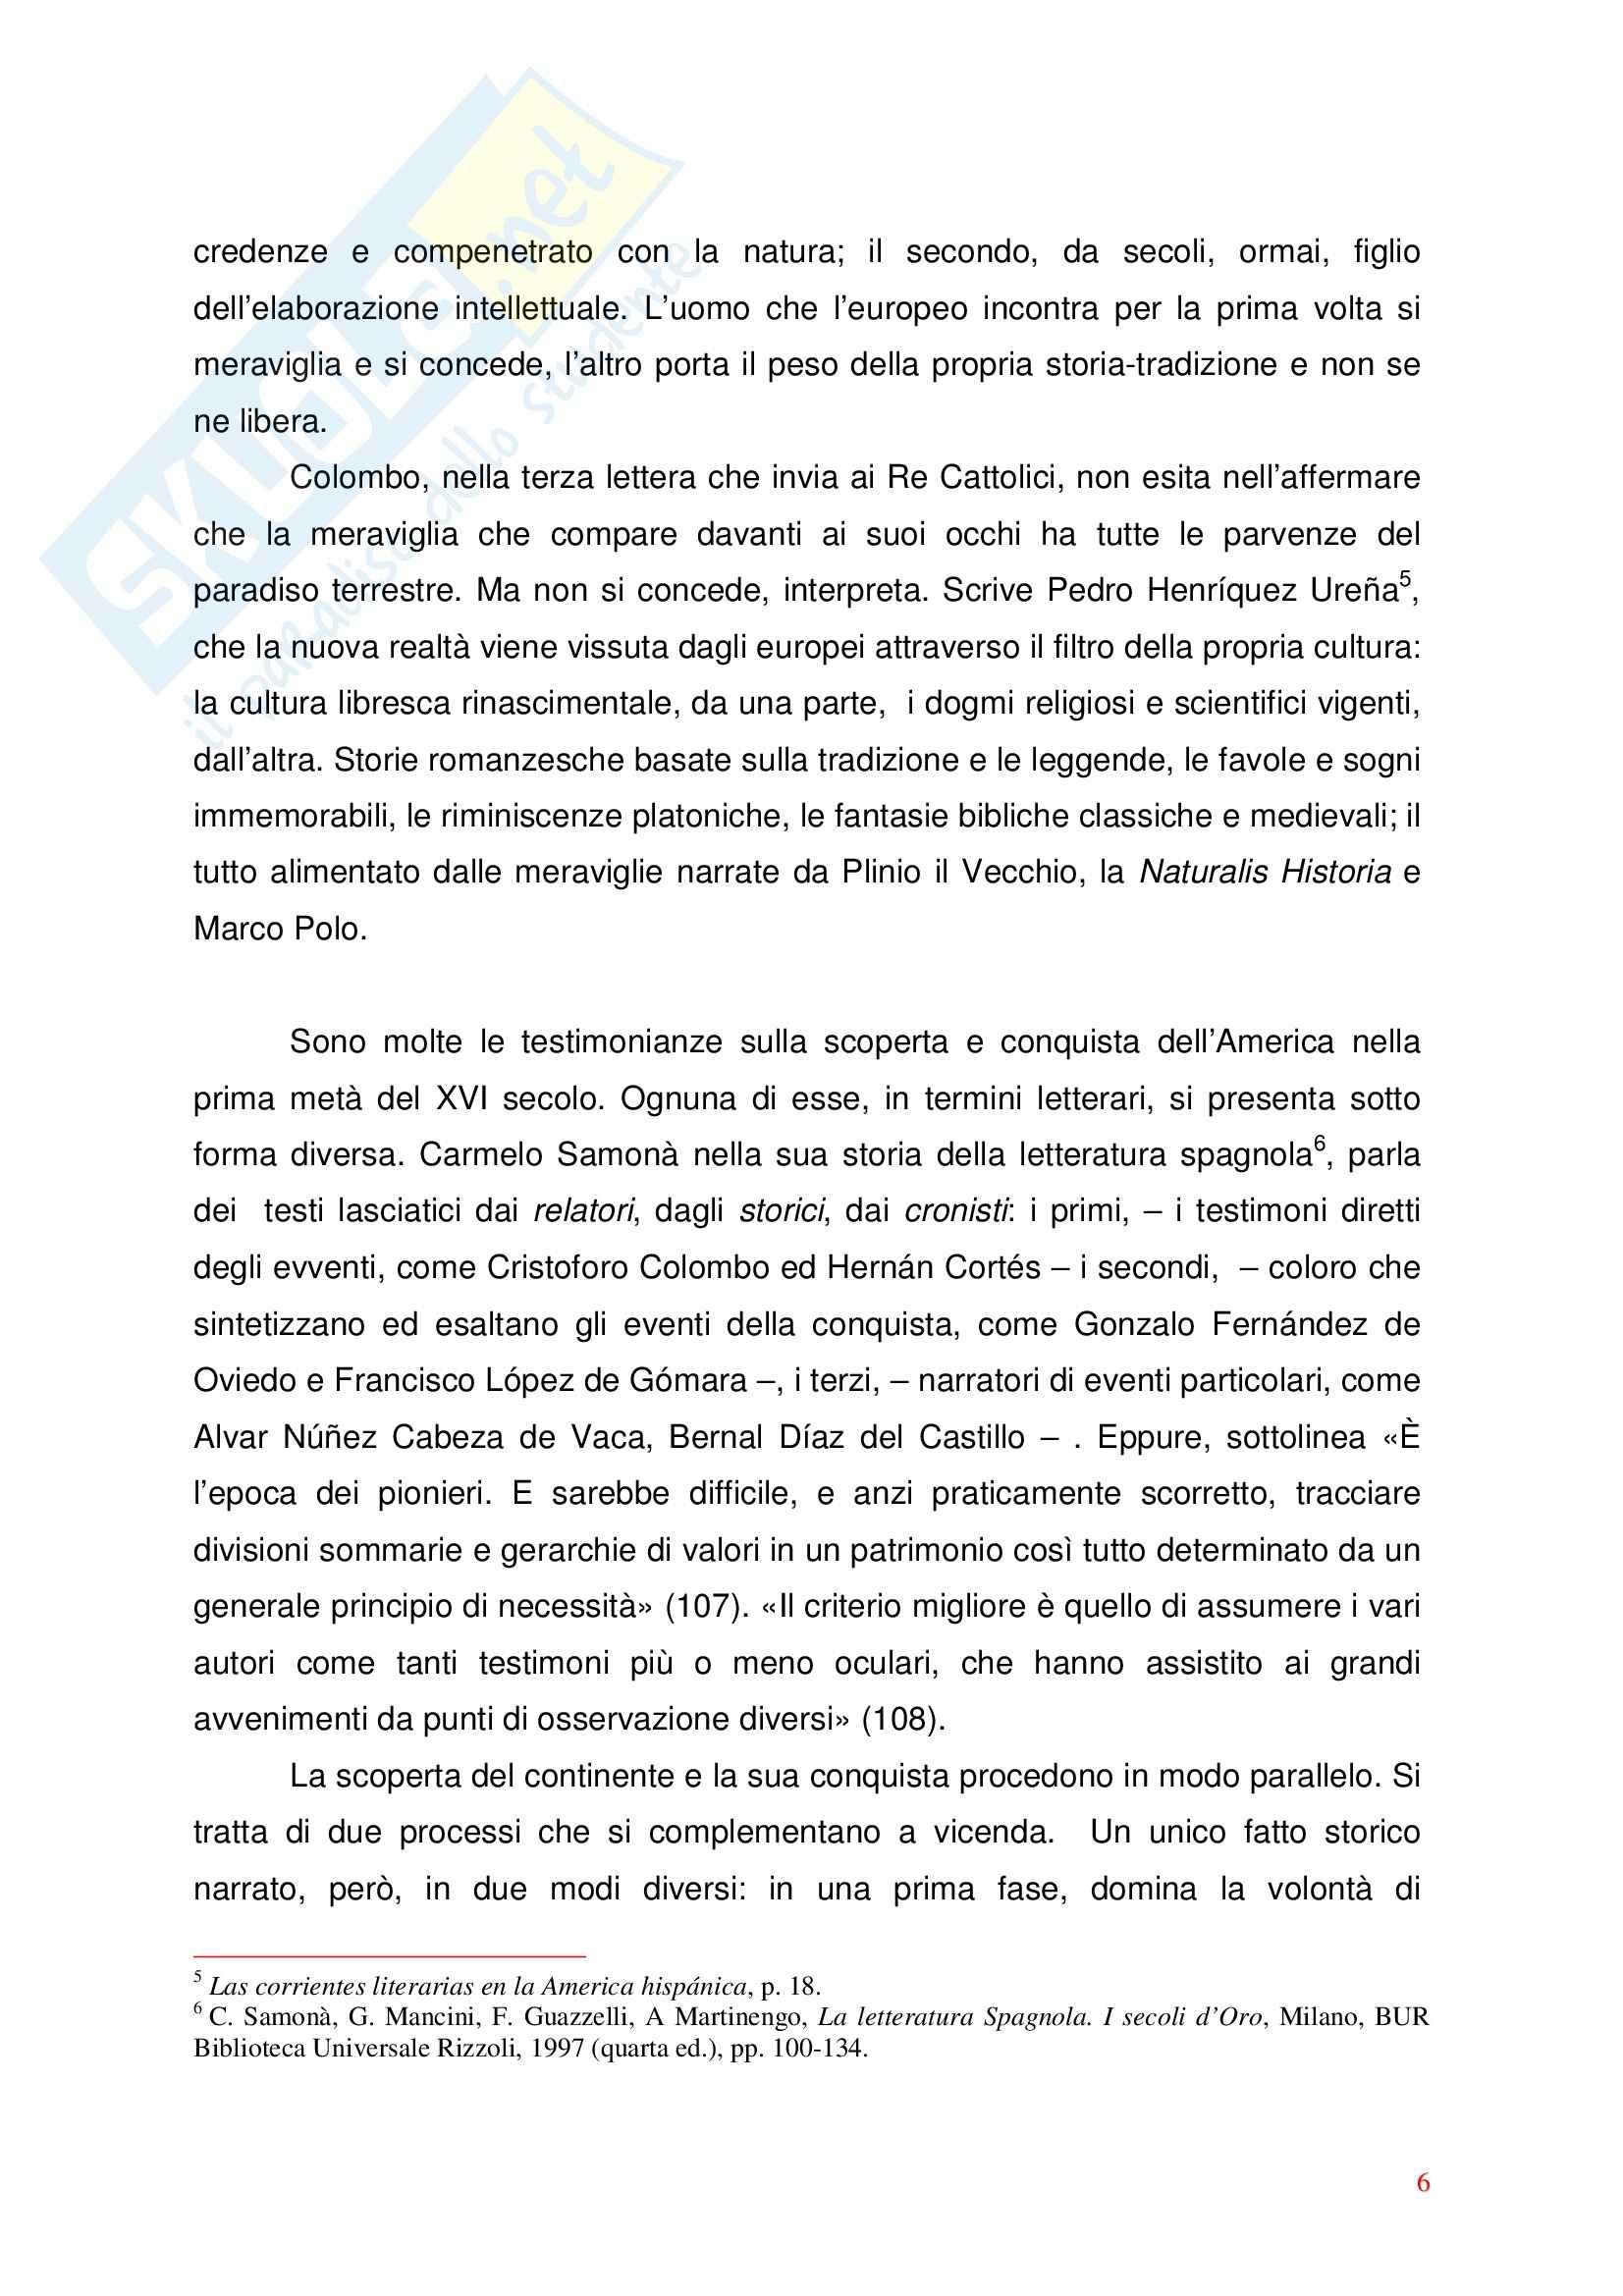 Letteratura spagnola - l'incontro con il Nuovo mondo nei testi spagnoli Pag. 6